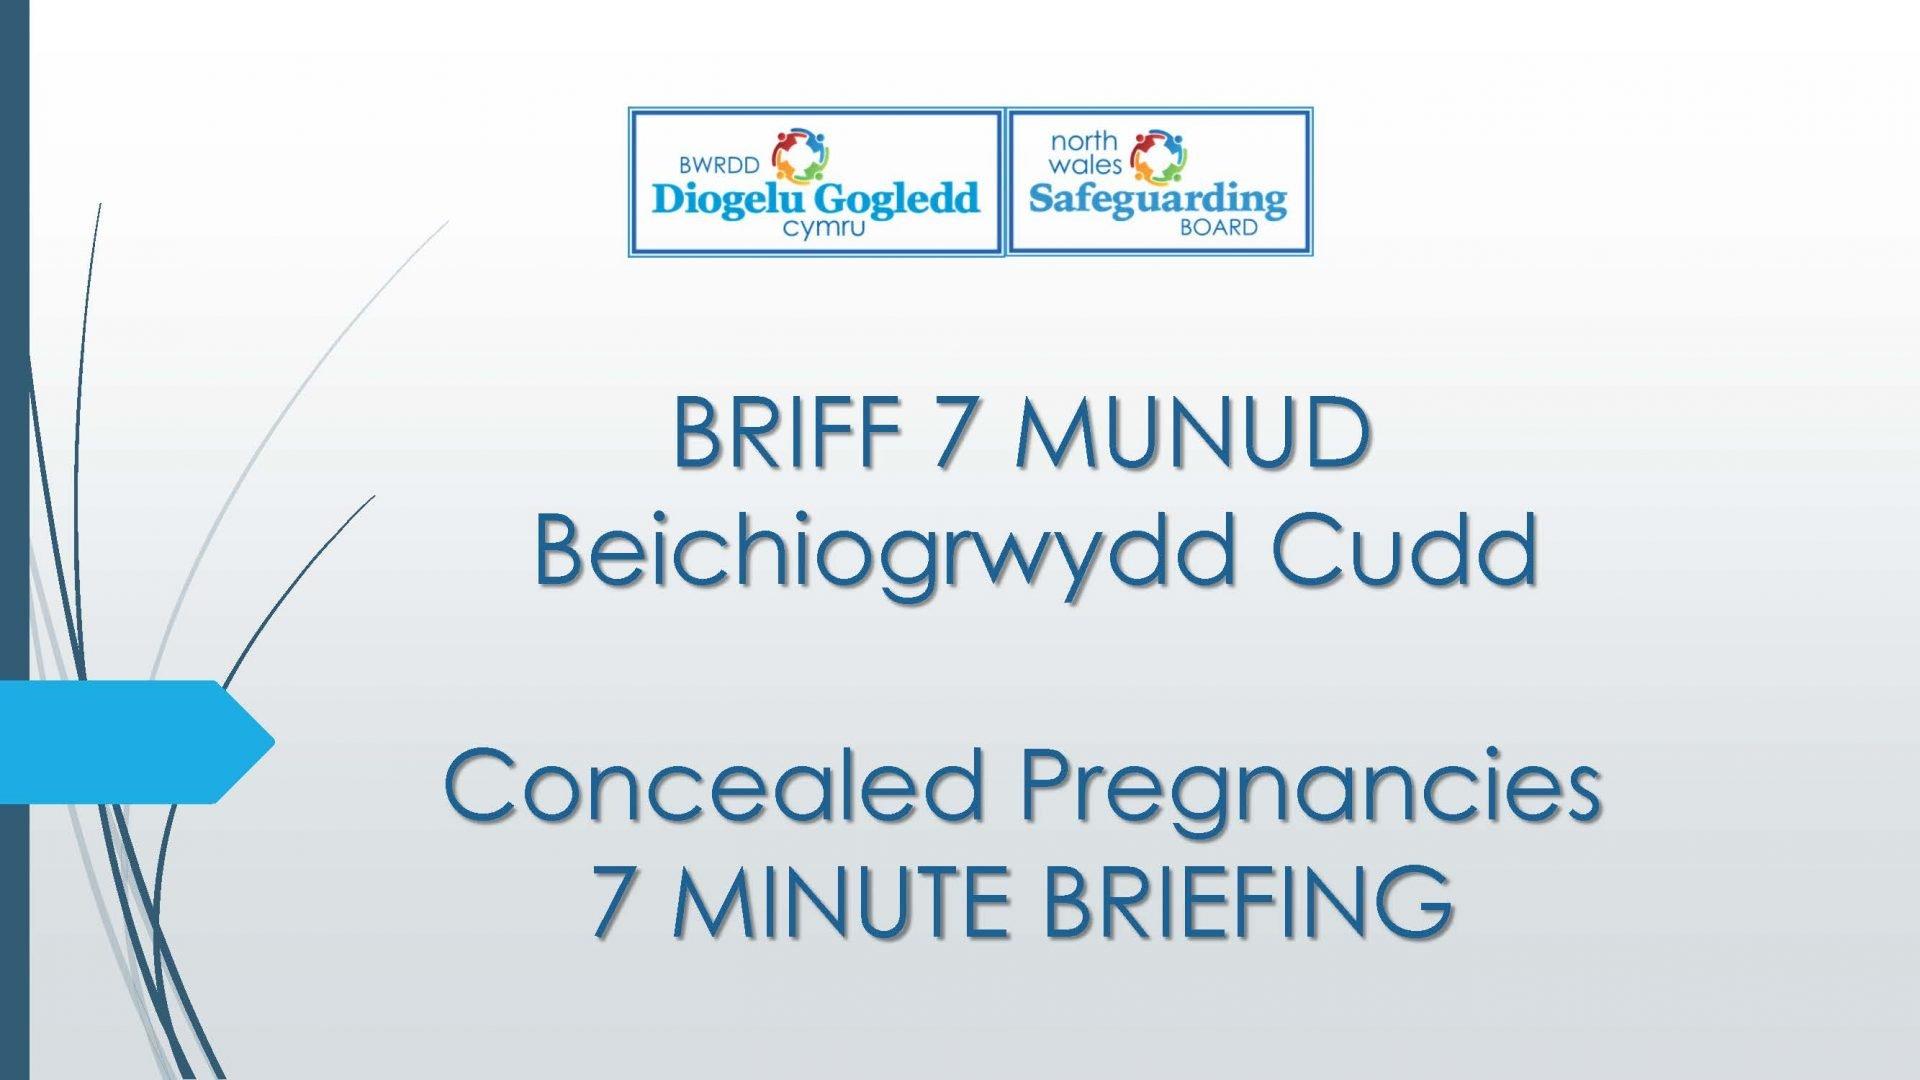 Concealed Pregnancies